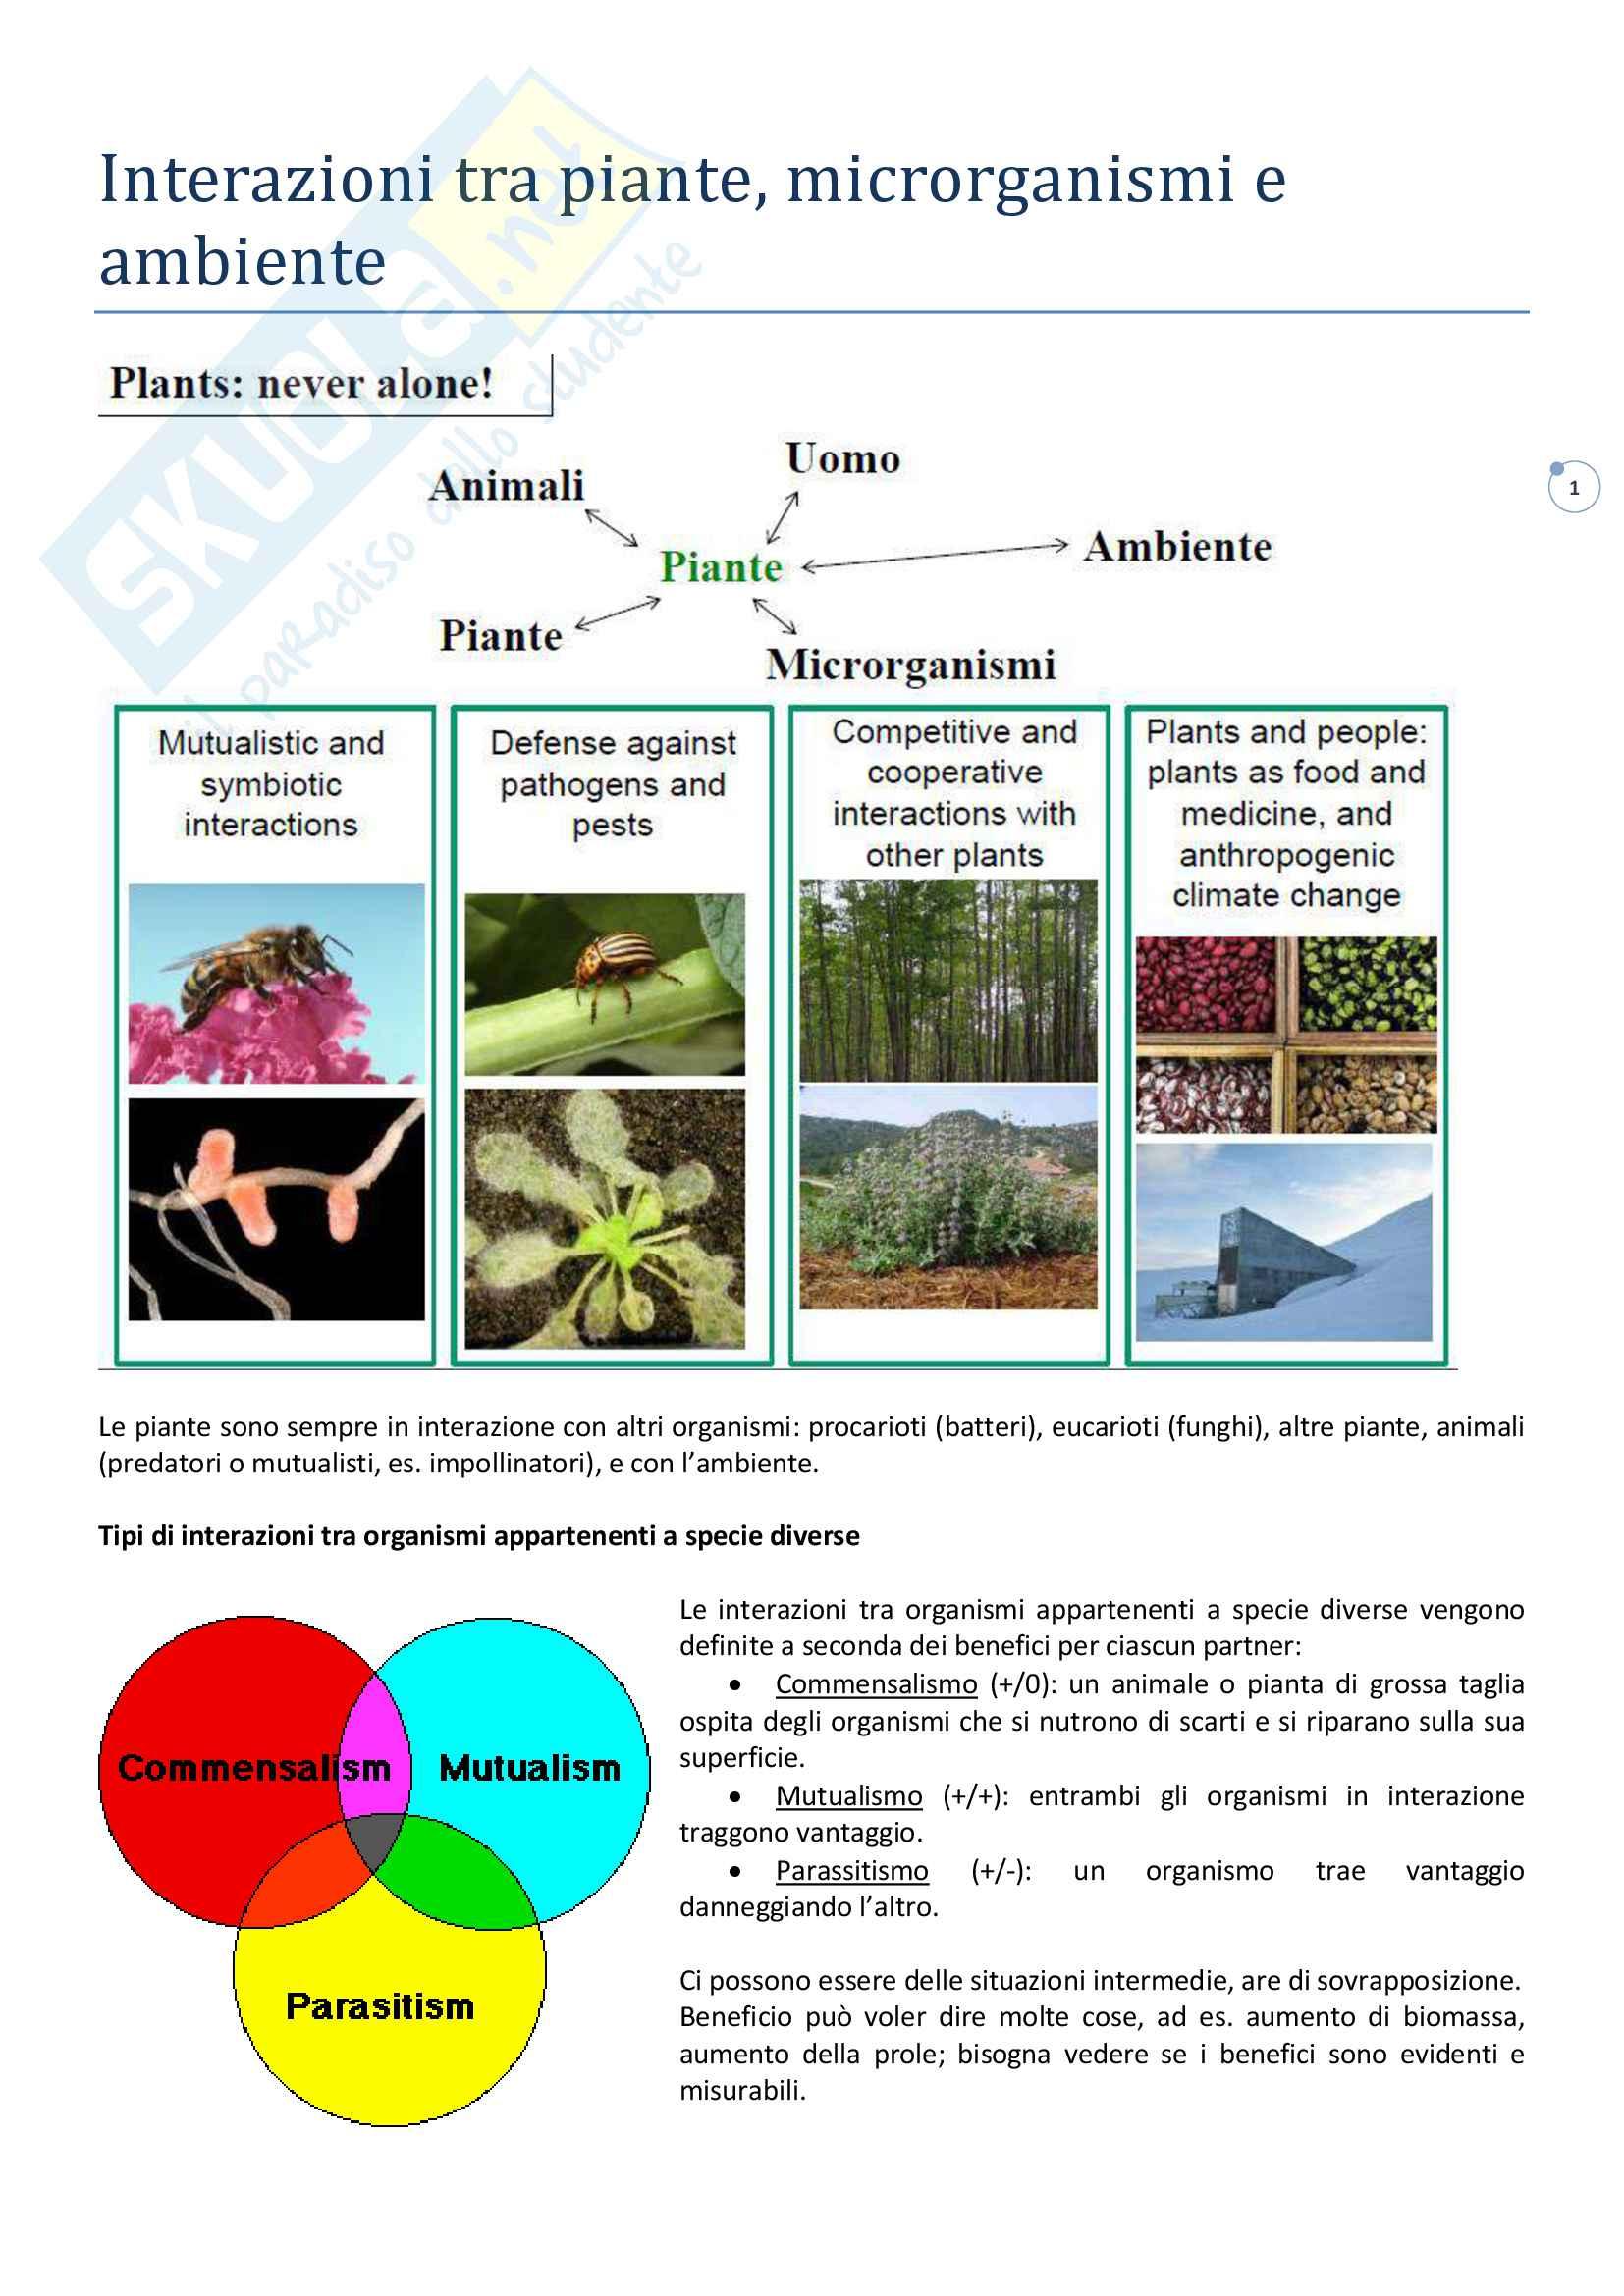 Interazioni tra piante microrganismi e ambiente